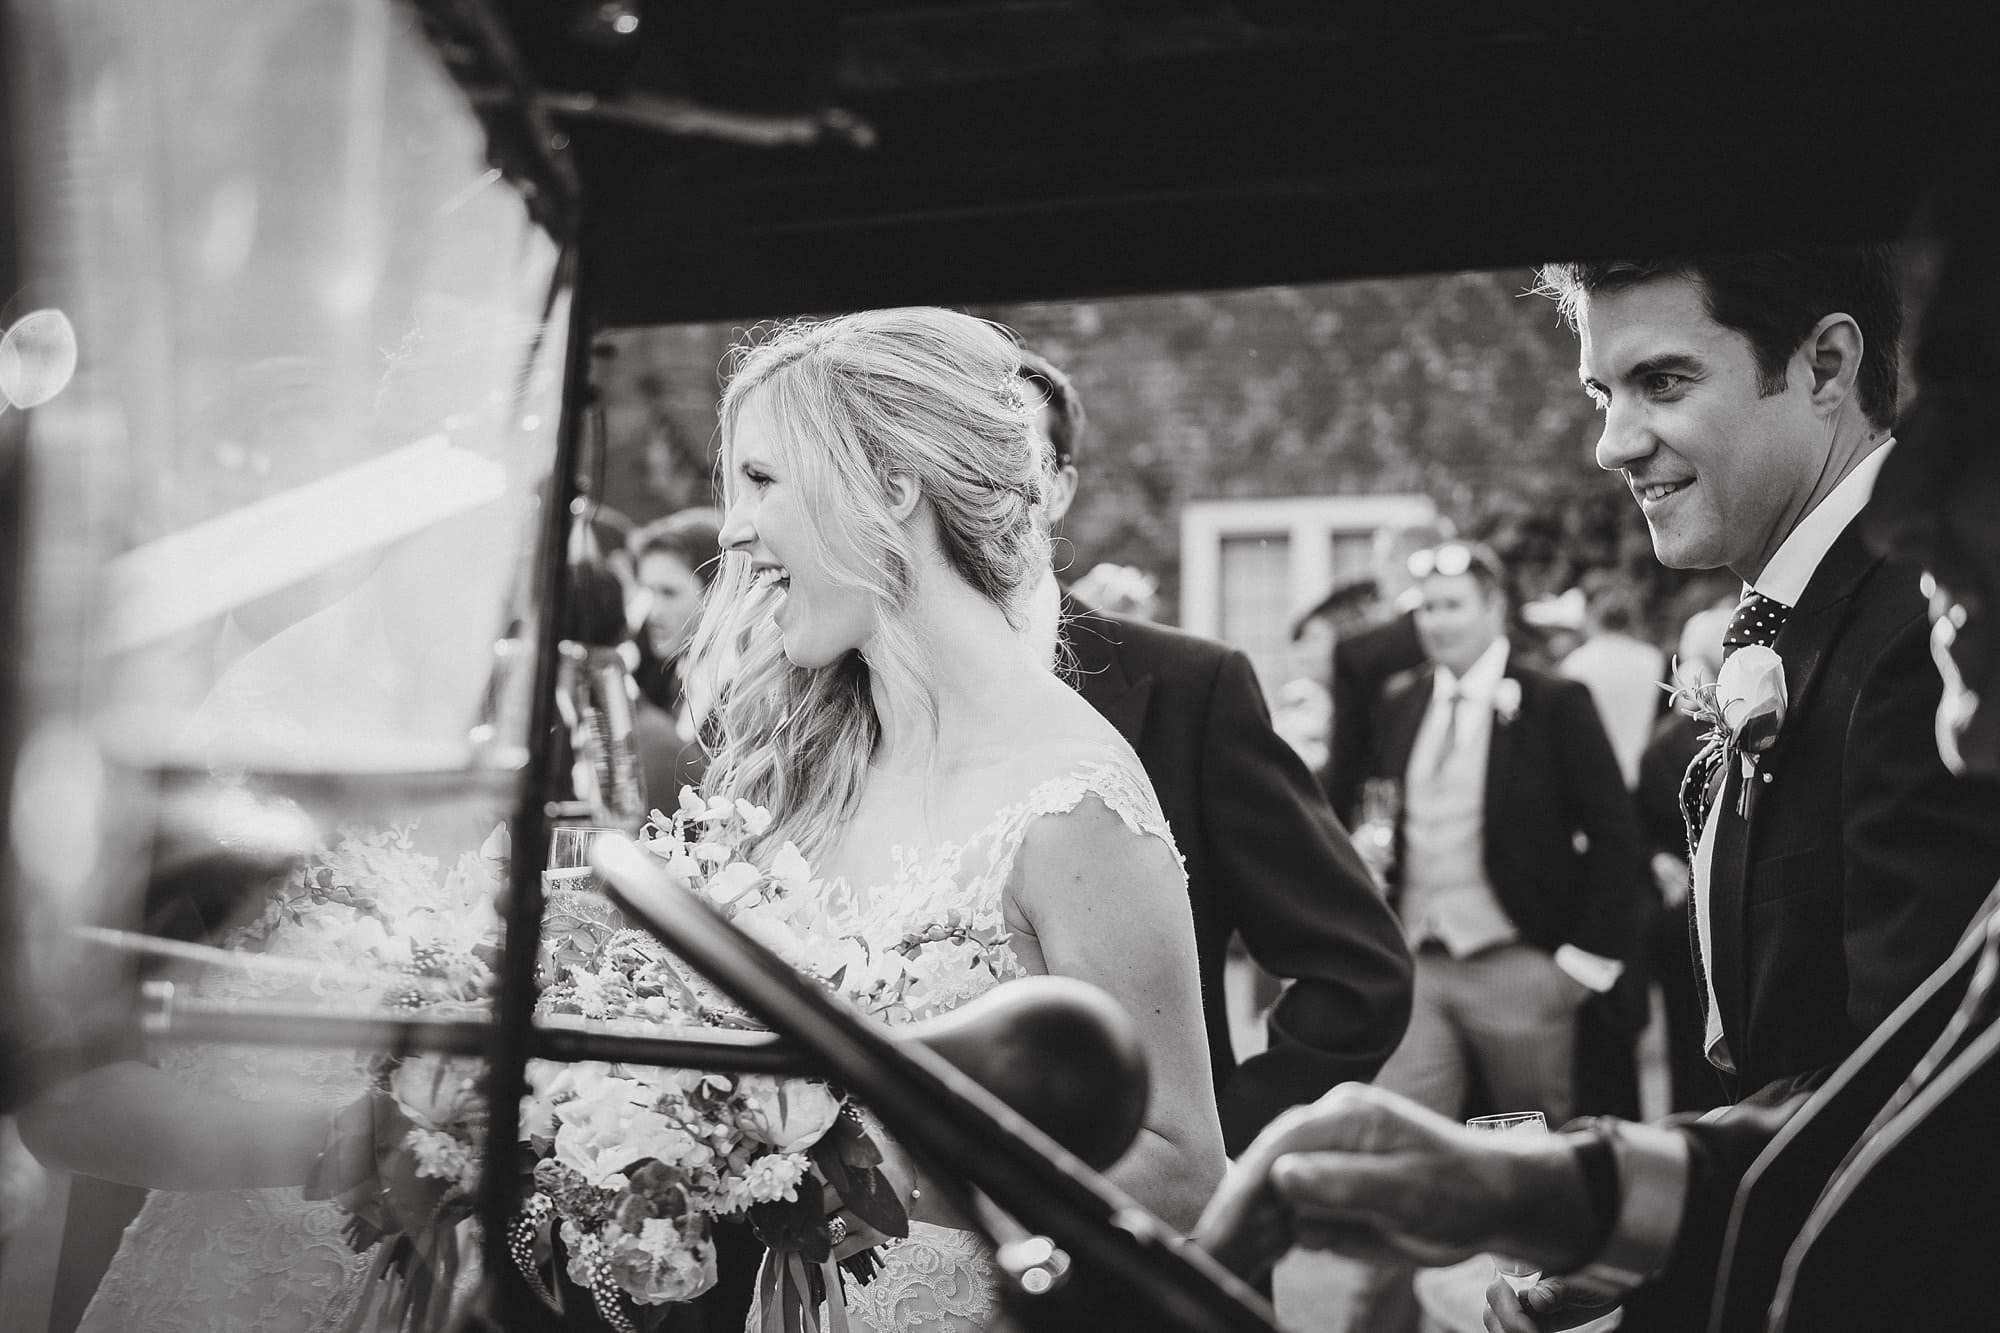 fulham palace wedding photographer 054 - Rosanna + Duncan | Fulham